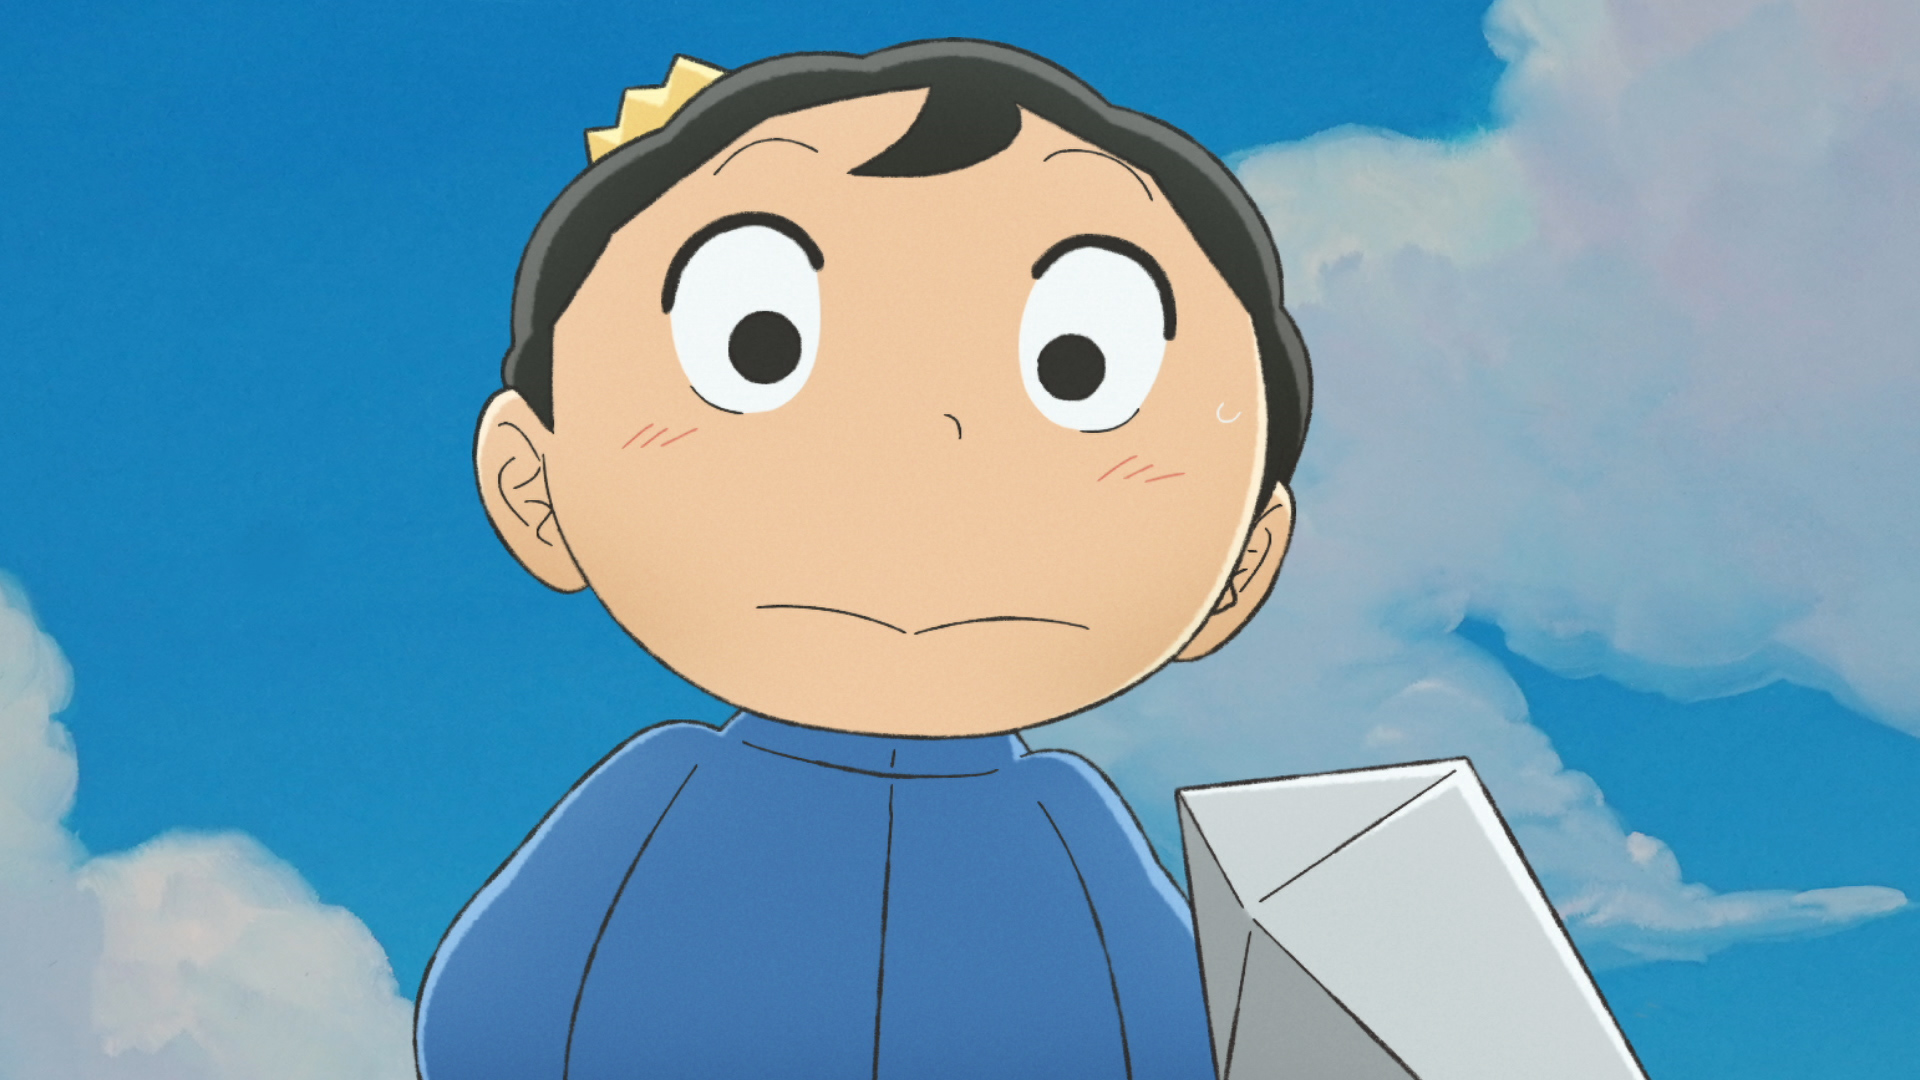 秋アニメ「王様ランキング」本PV第2弾解禁!EDテーマはyama「Oz.」に決定 WEB特番vol.2も